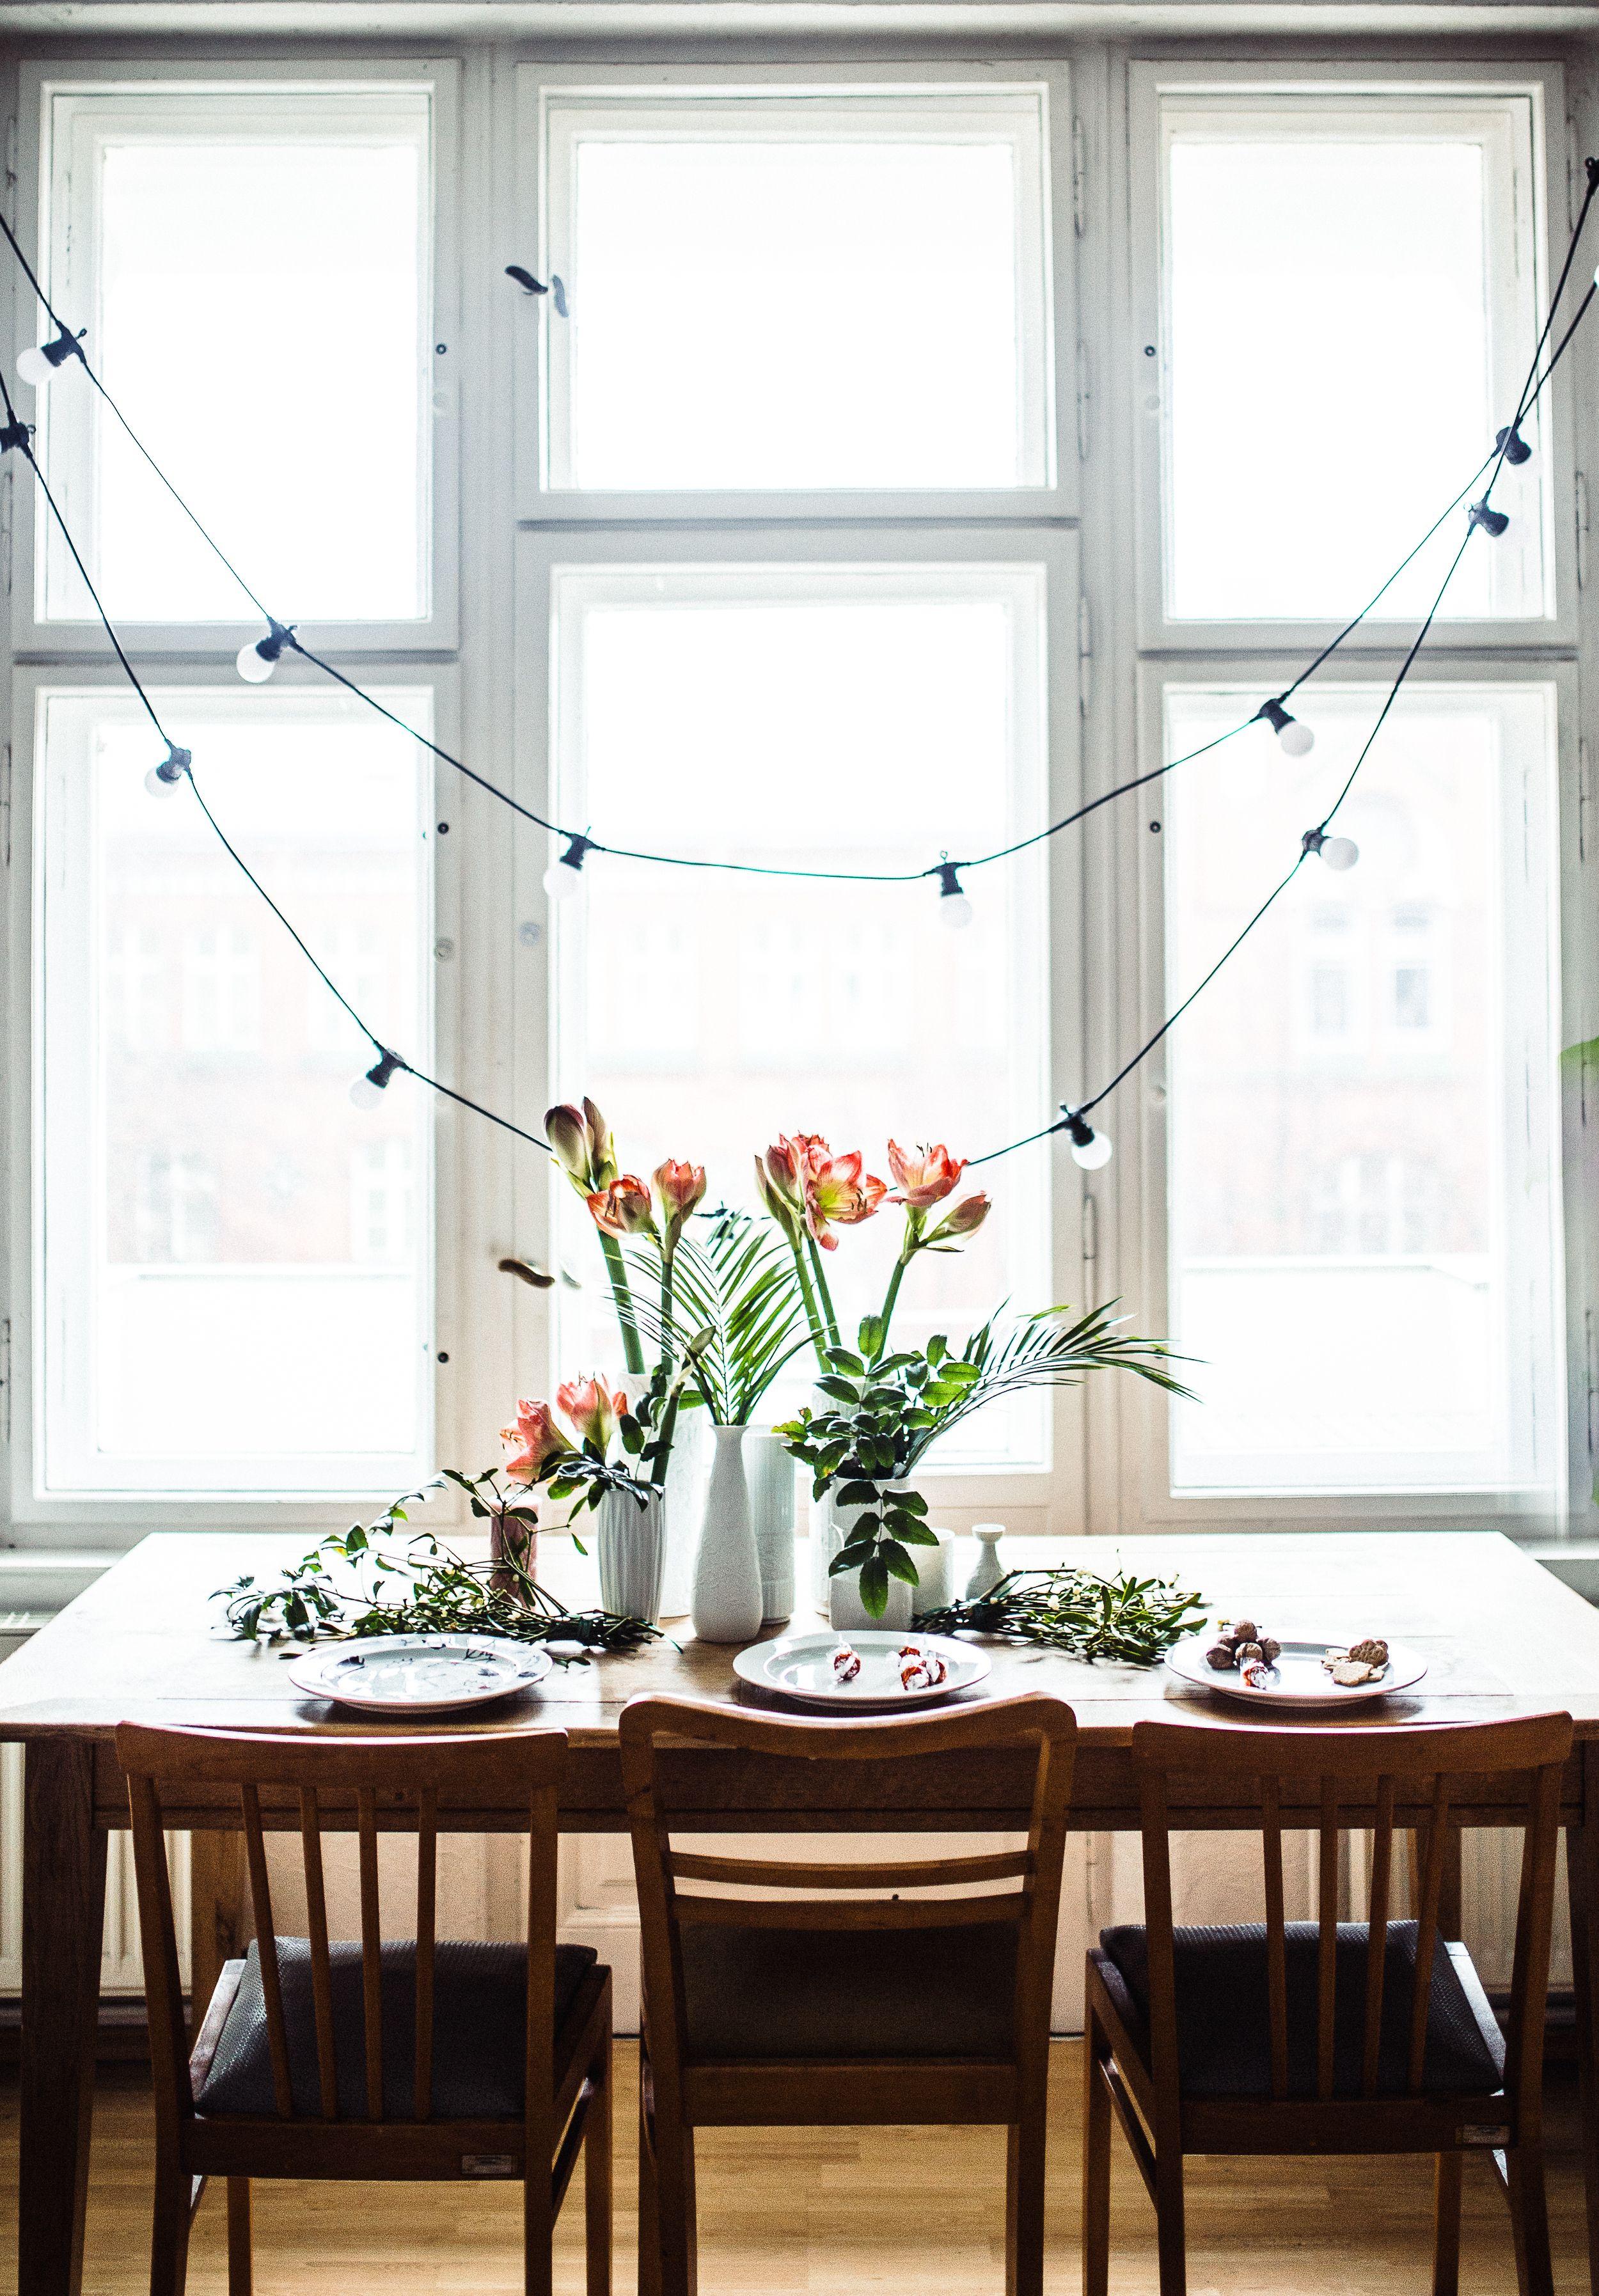 Altbau Wohnzimmer Lampen Ideen Wohnzimmer